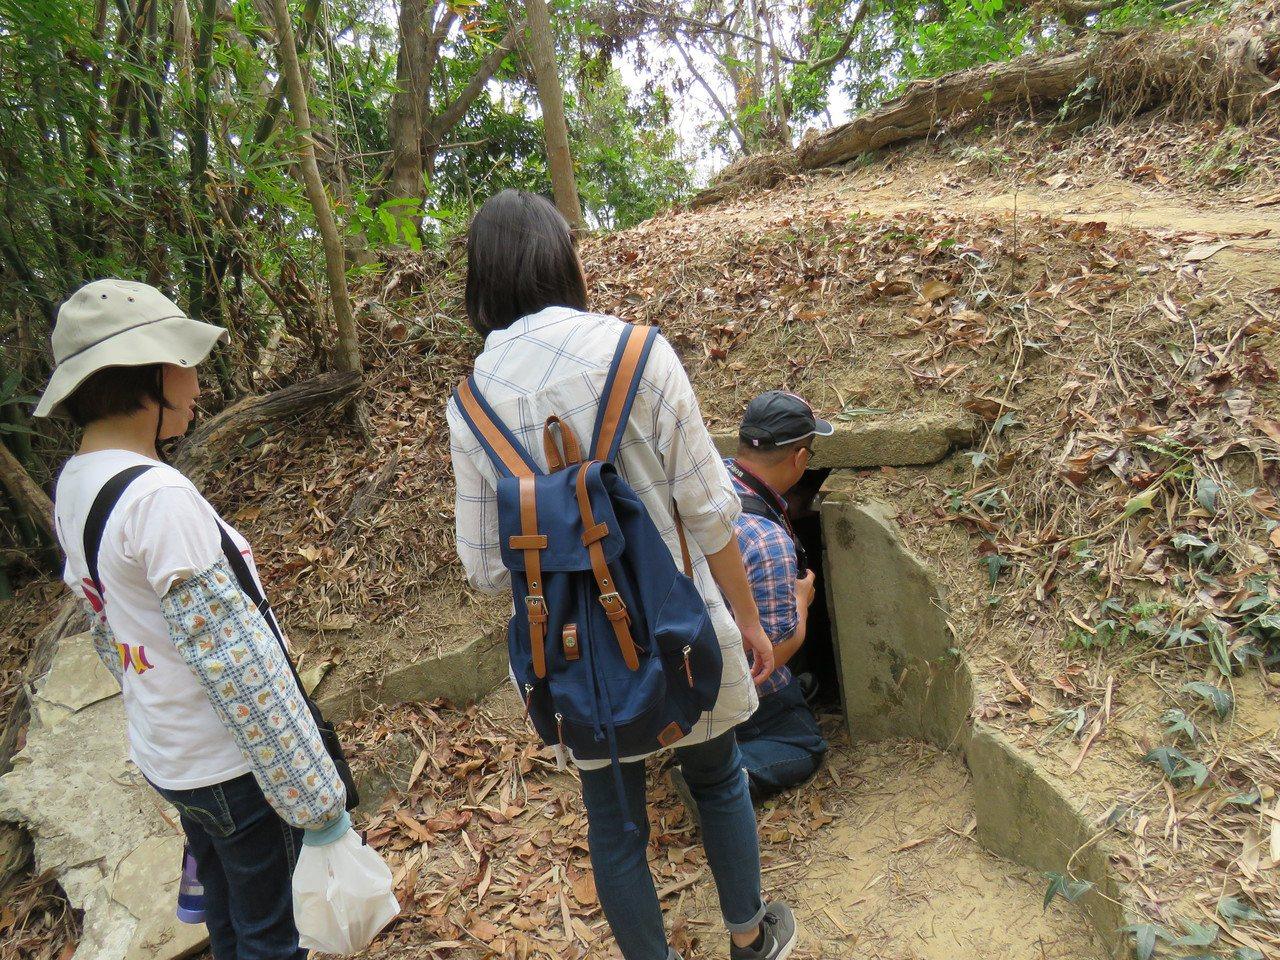 台南新化礁坑社區推出農村小遊行,走訪神祕「越共村」,假墳墓搬開墓碑竟是通道。圖/...